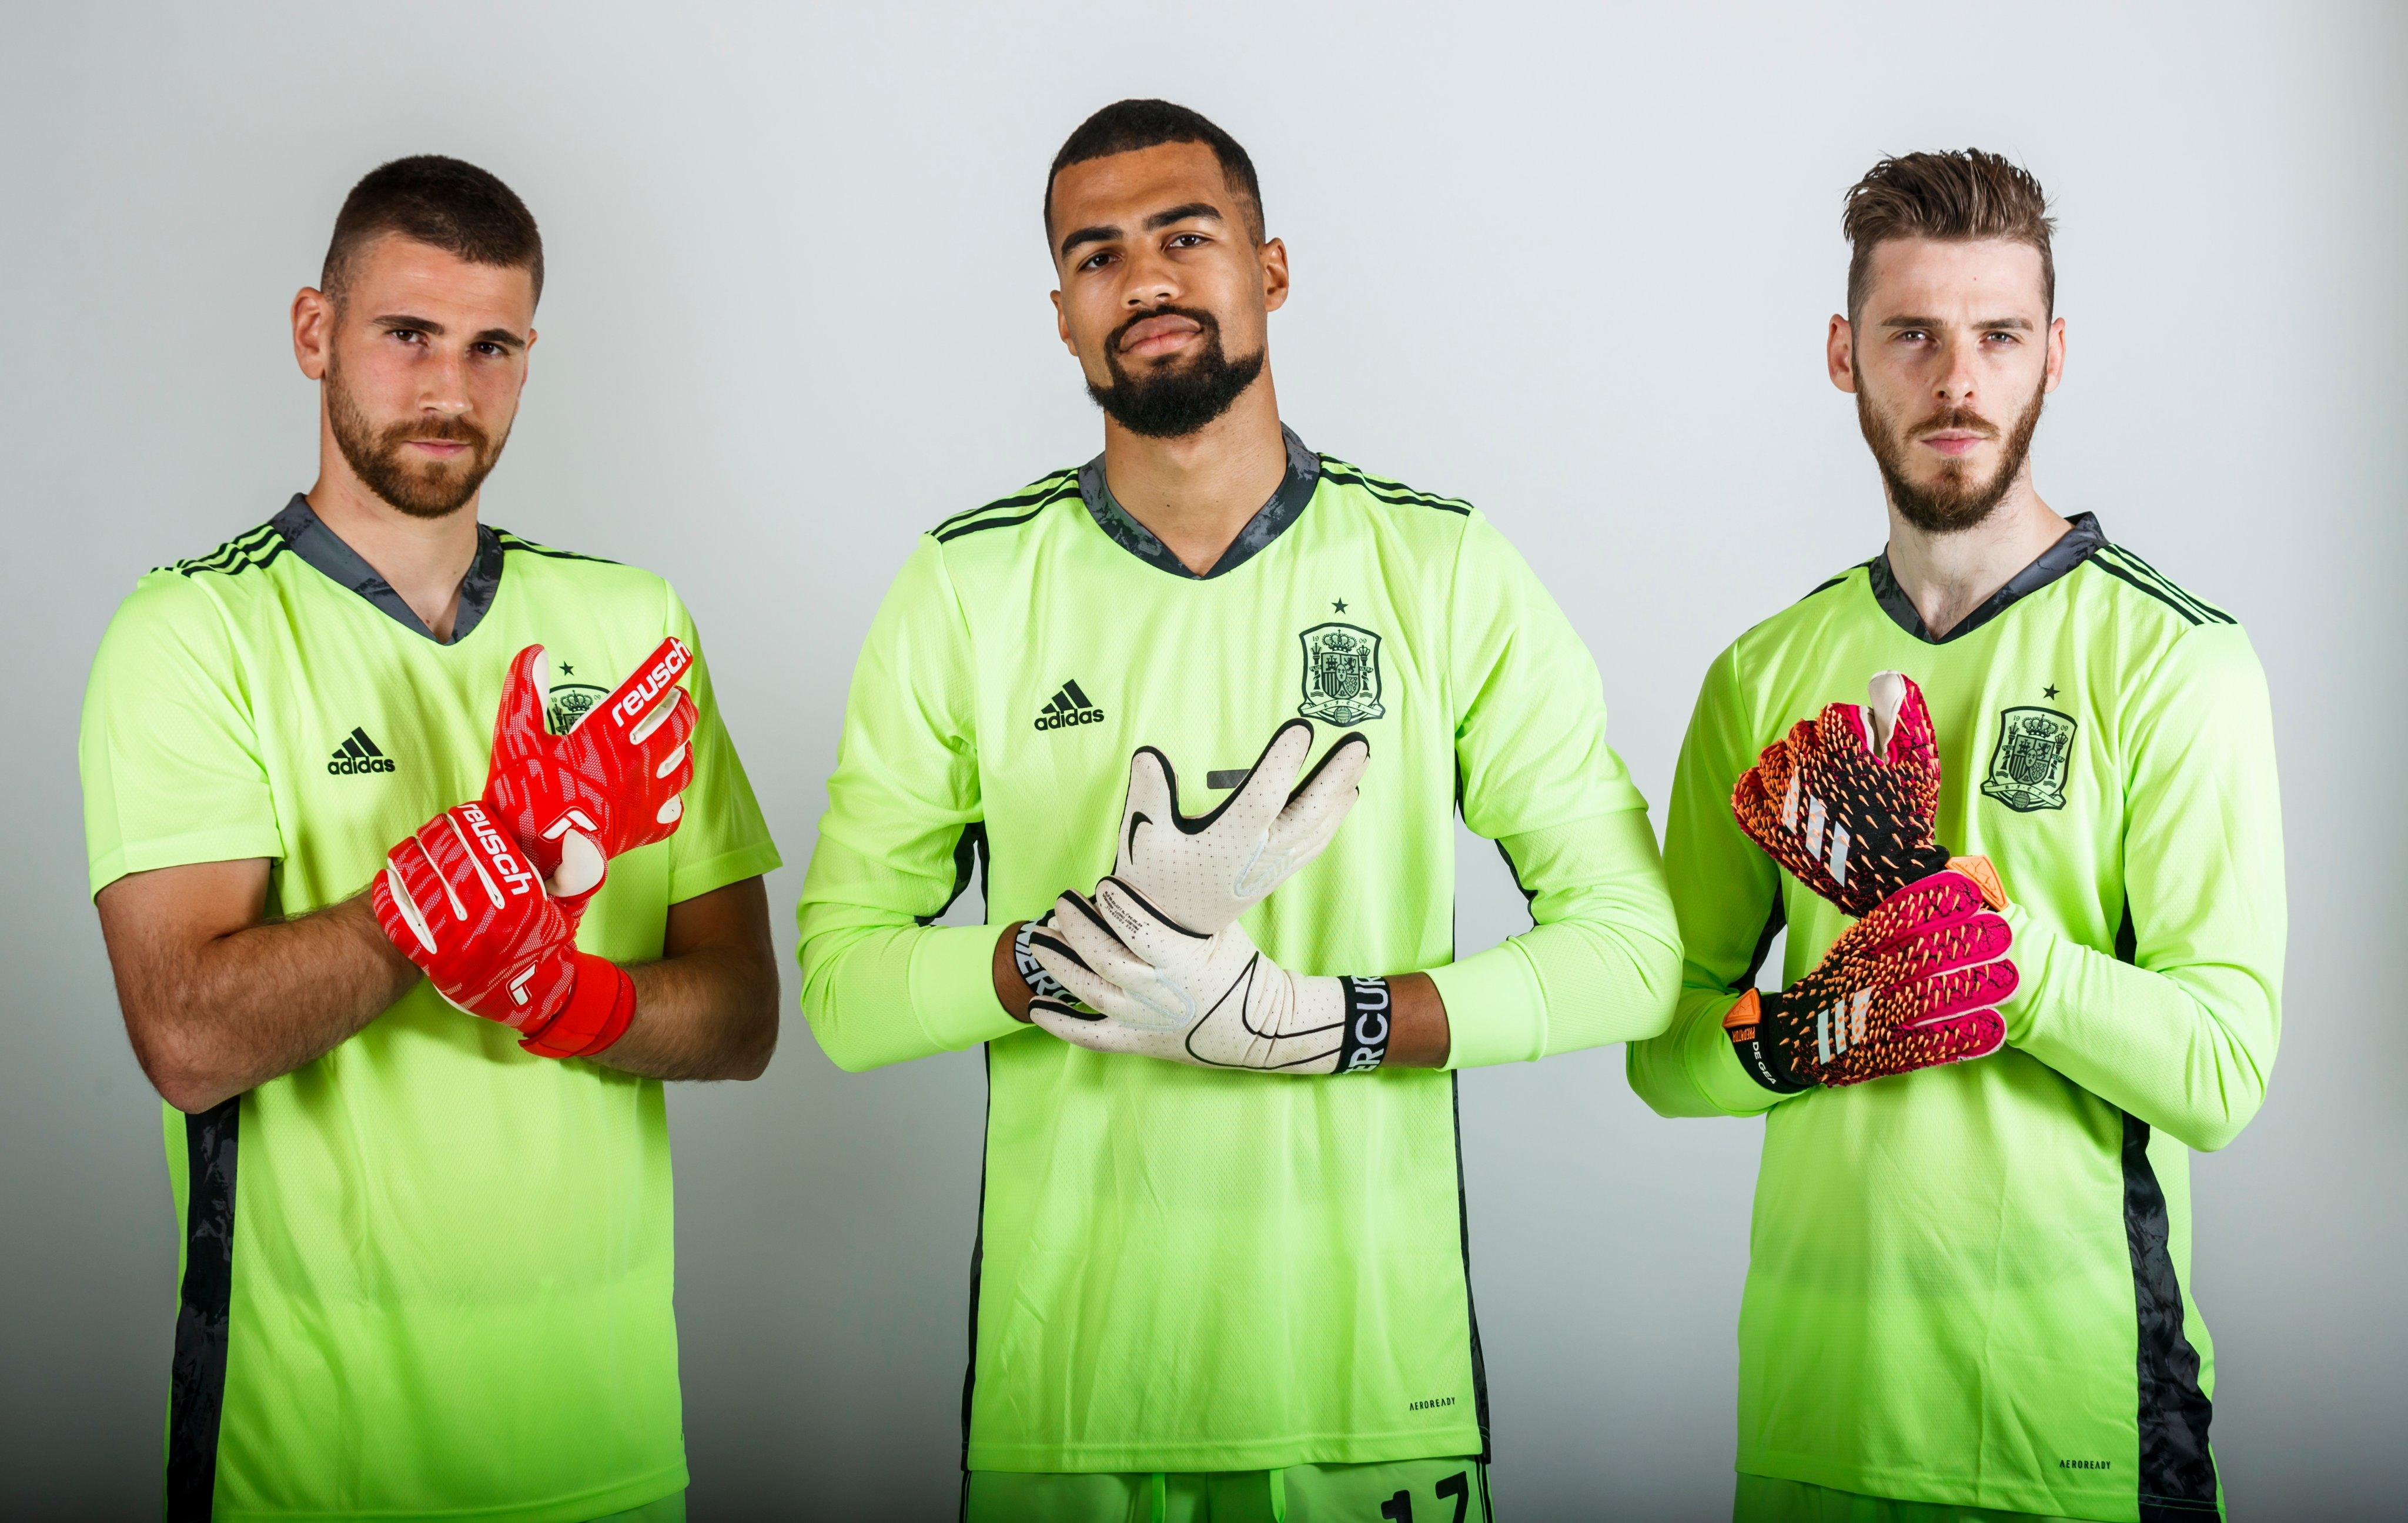 """Selección Española de Fútbol on Twitter: """"🛑 ¡¡NO PASARÁN!! 😏 Vale, lo  confieso. Me encantan estas fotografías. #SomosEspaña #EURO2020  https://t.co/xXL6WVjNwV"""" / Twitter"""